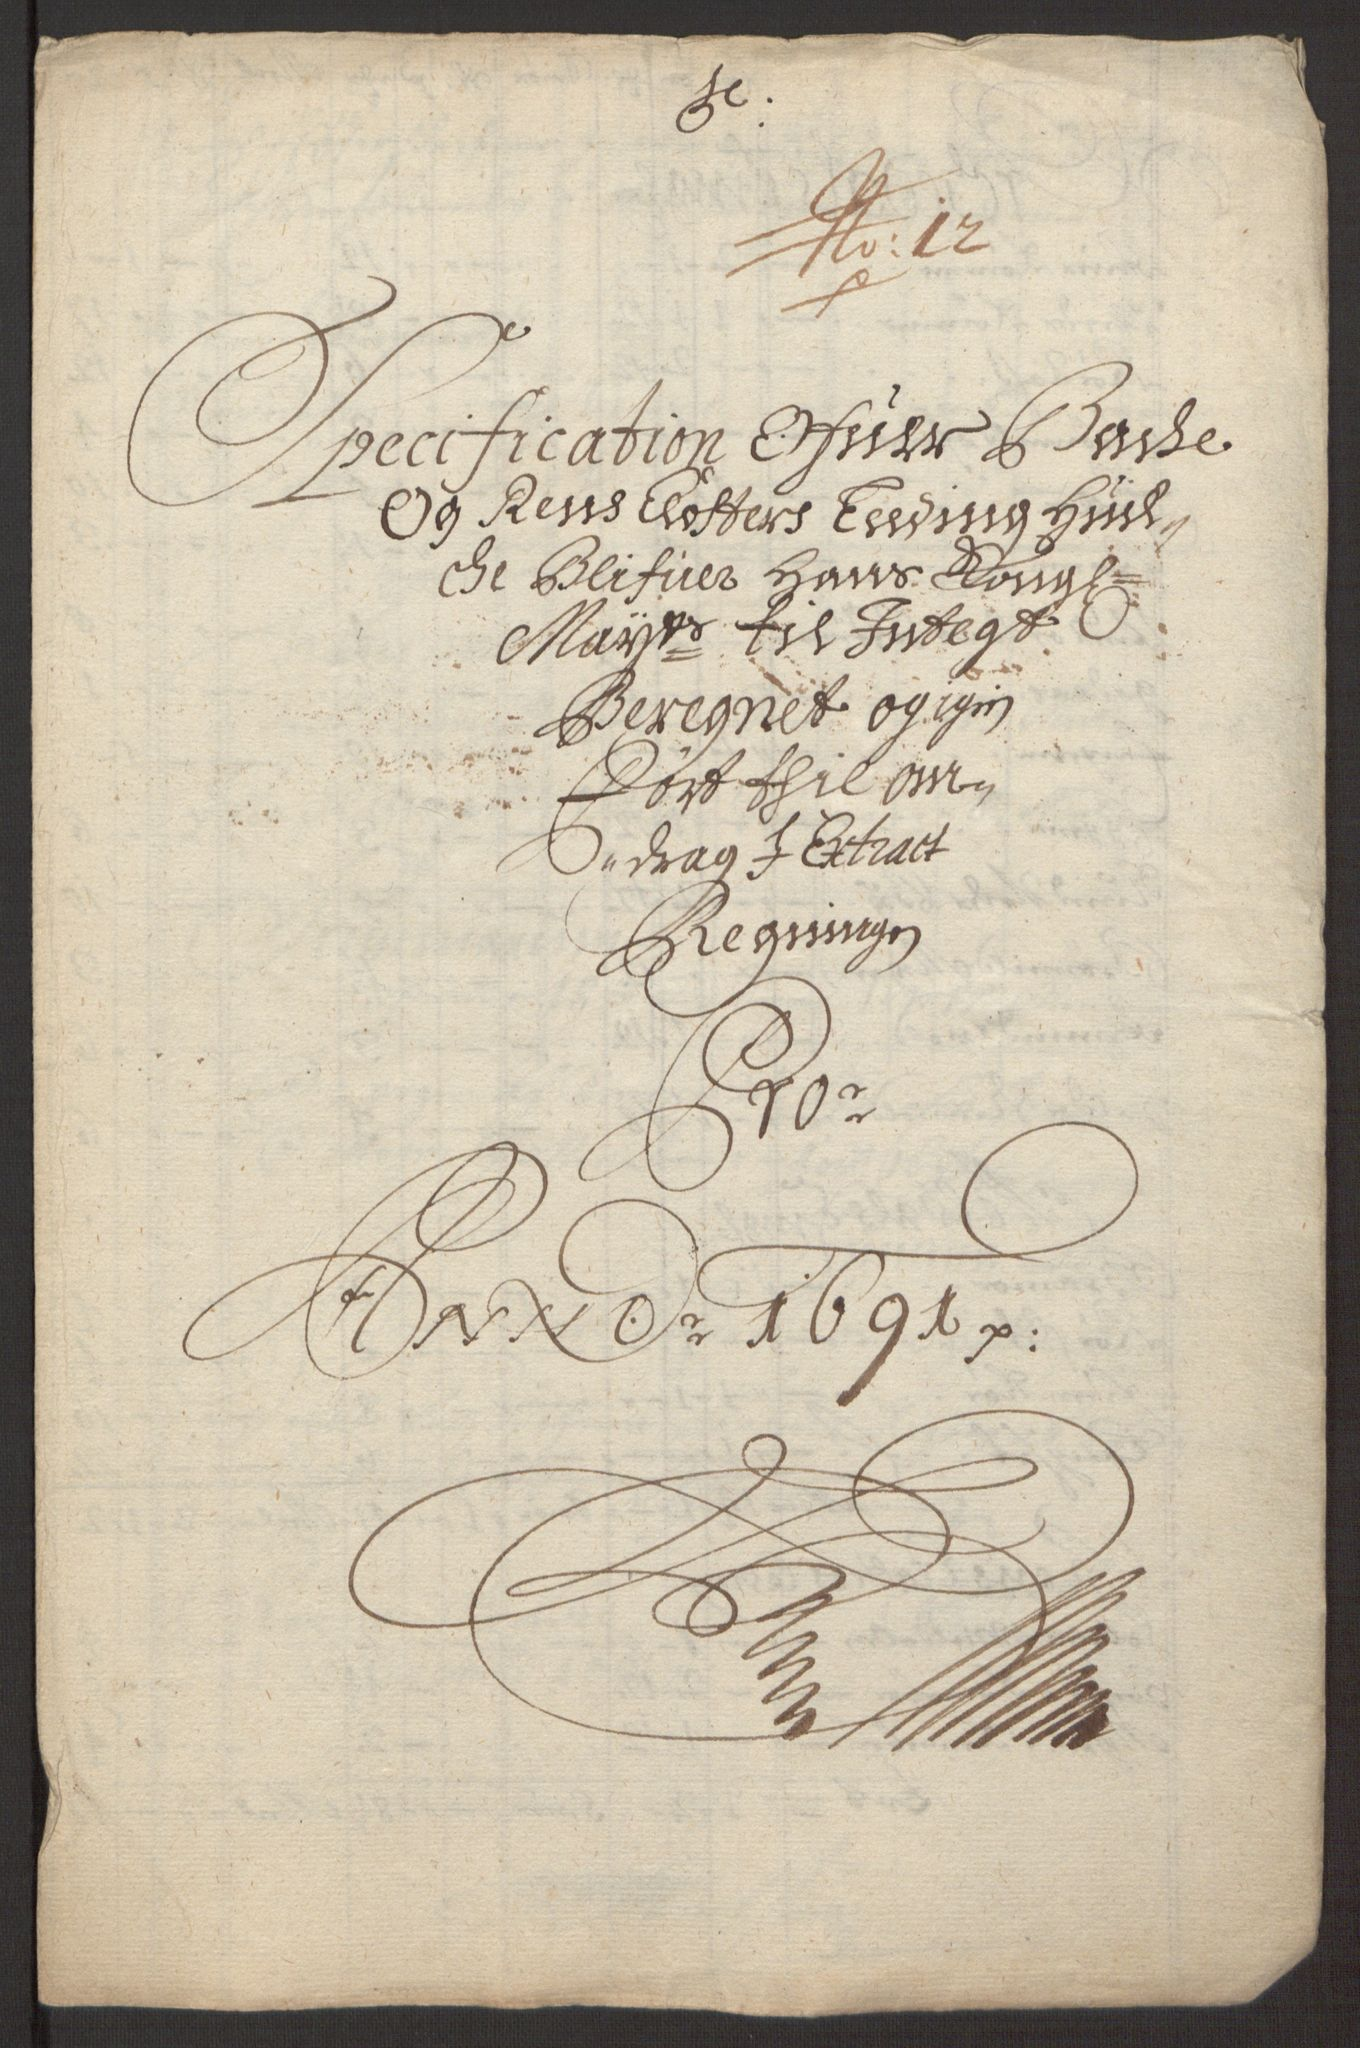 RA, Rentekammeret inntil 1814, Reviderte regnskaper, Fogderegnskap, R58/L3937: Fogderegnskap Orkdal, 1691-1692, s. 168